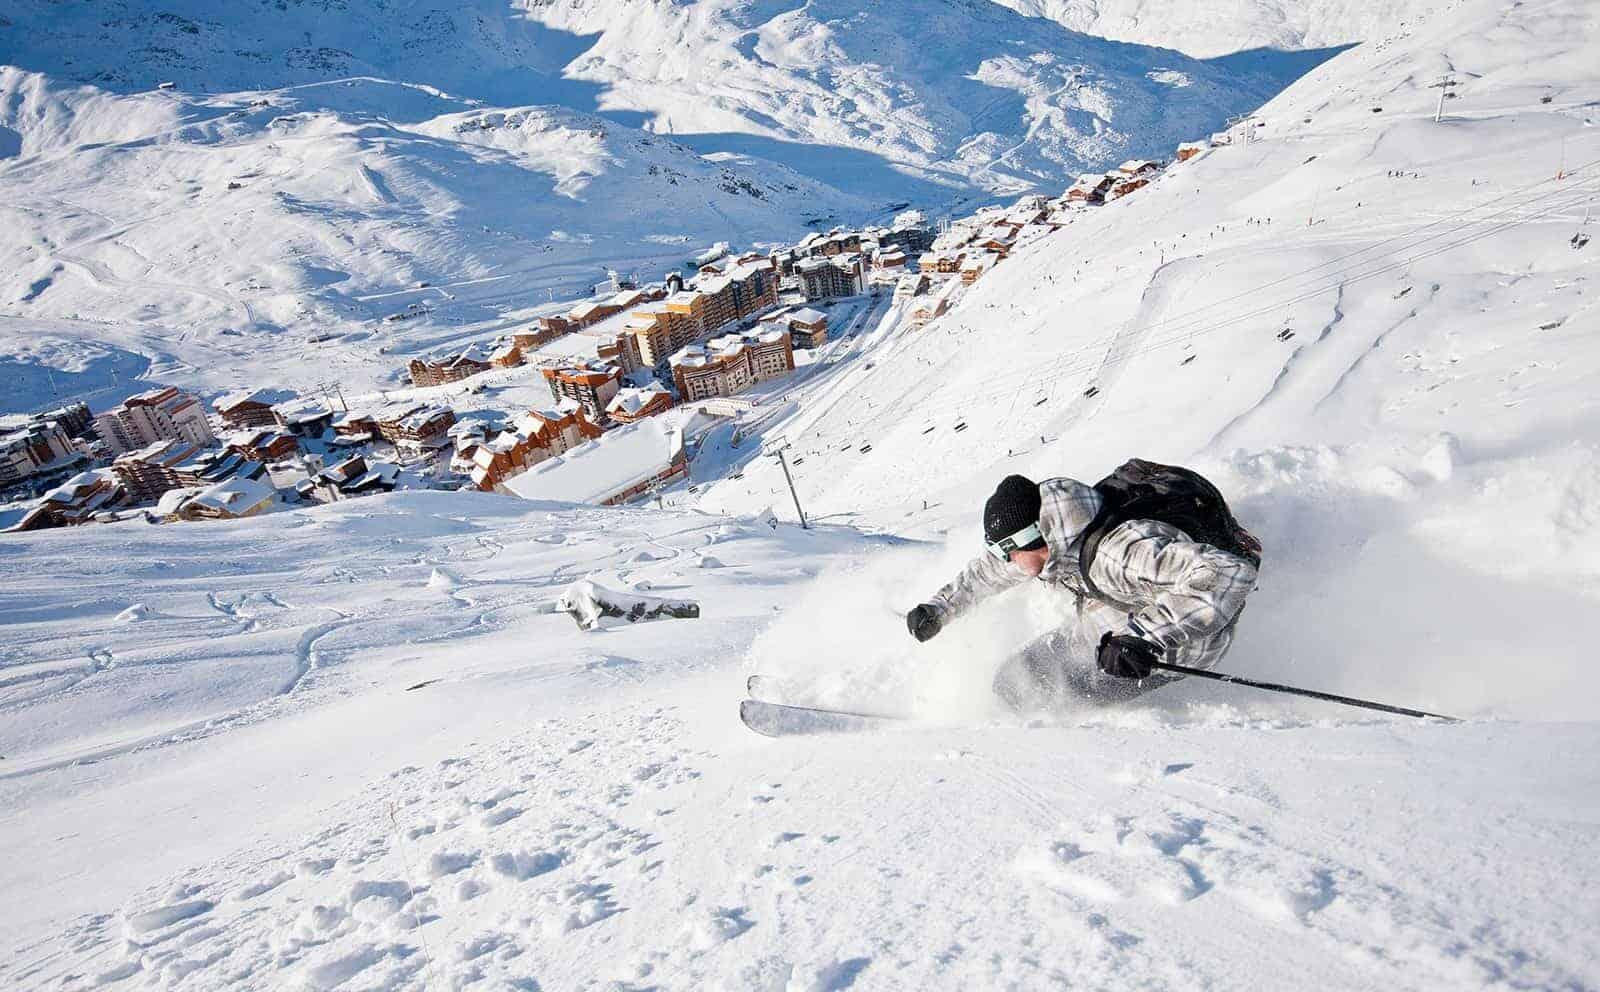 Skirejseforsikring er for alle, også dig der løber på højt niveau